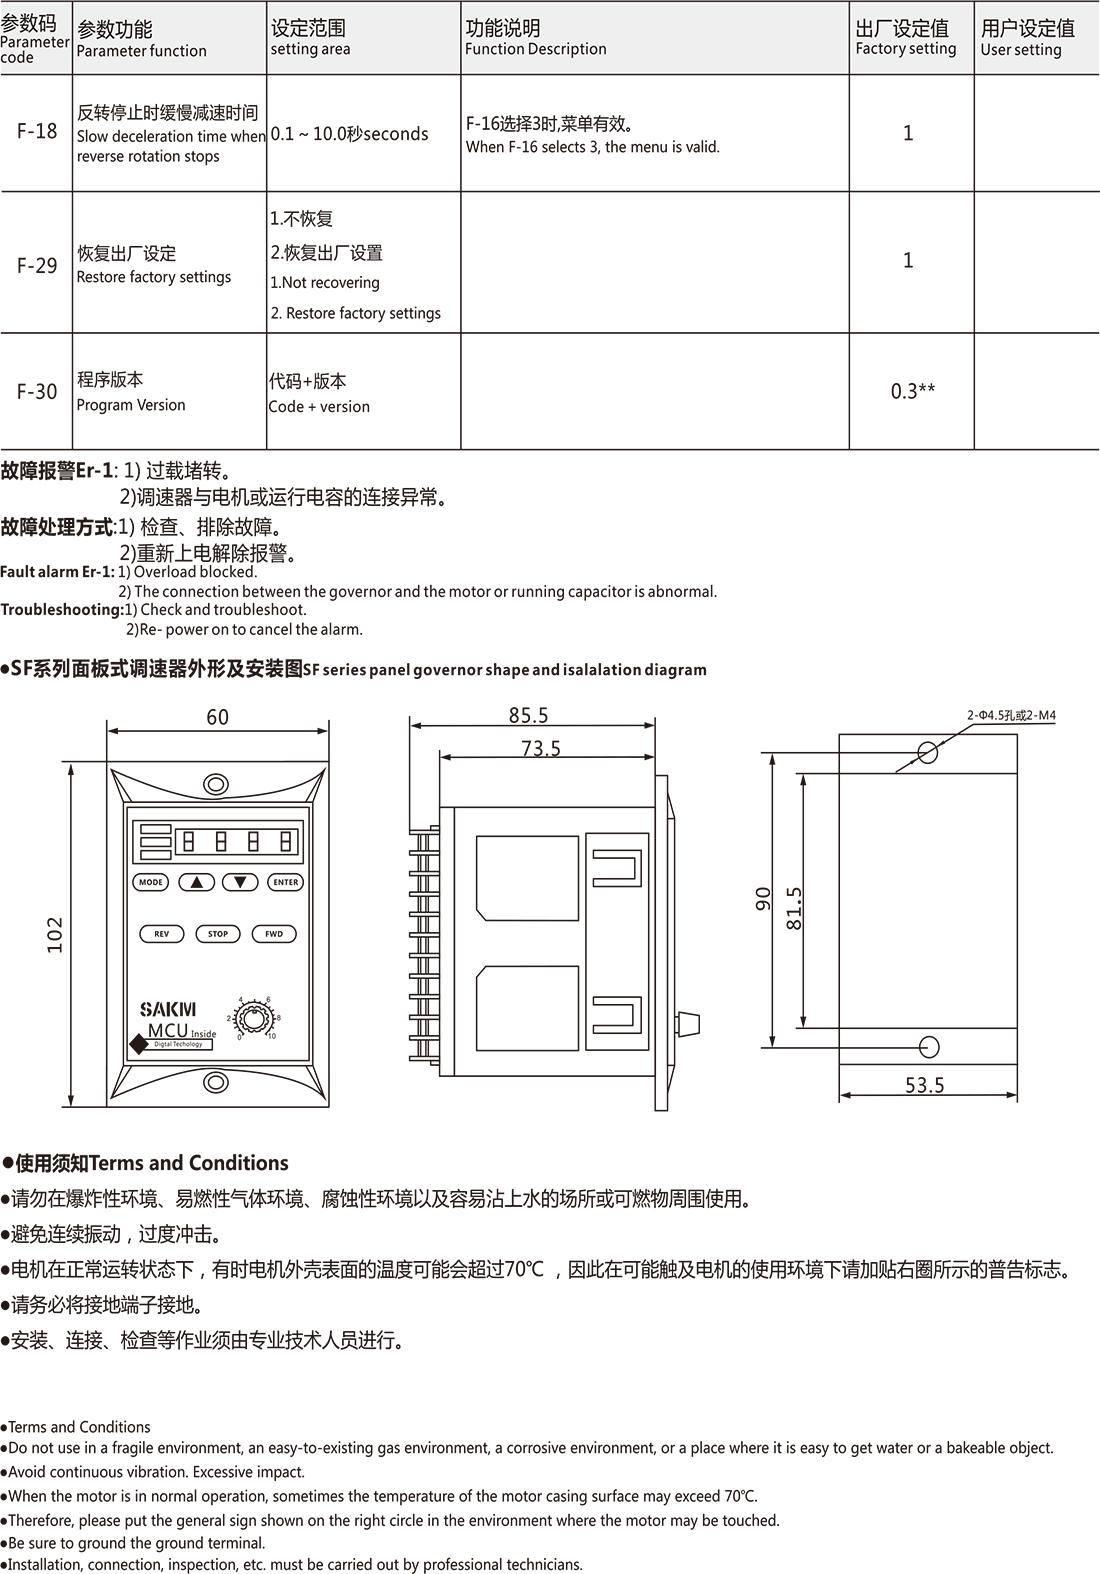 圖層36.jpg